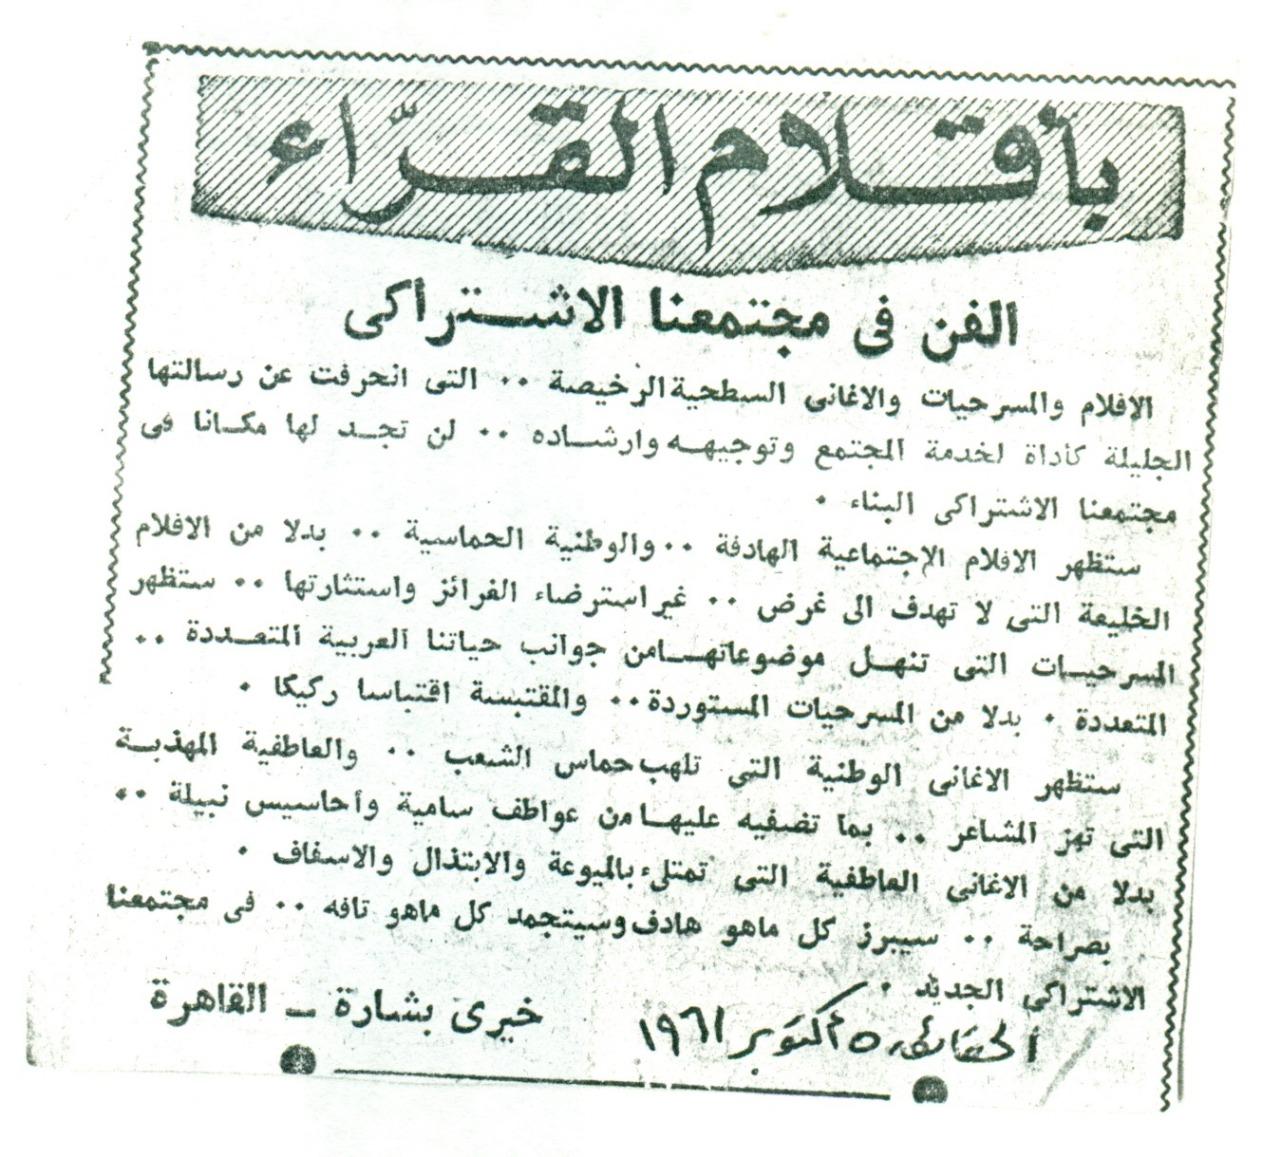 قصاصة من احدى رسائل خيري بشارة لجريدة الحقائق، عام 1961